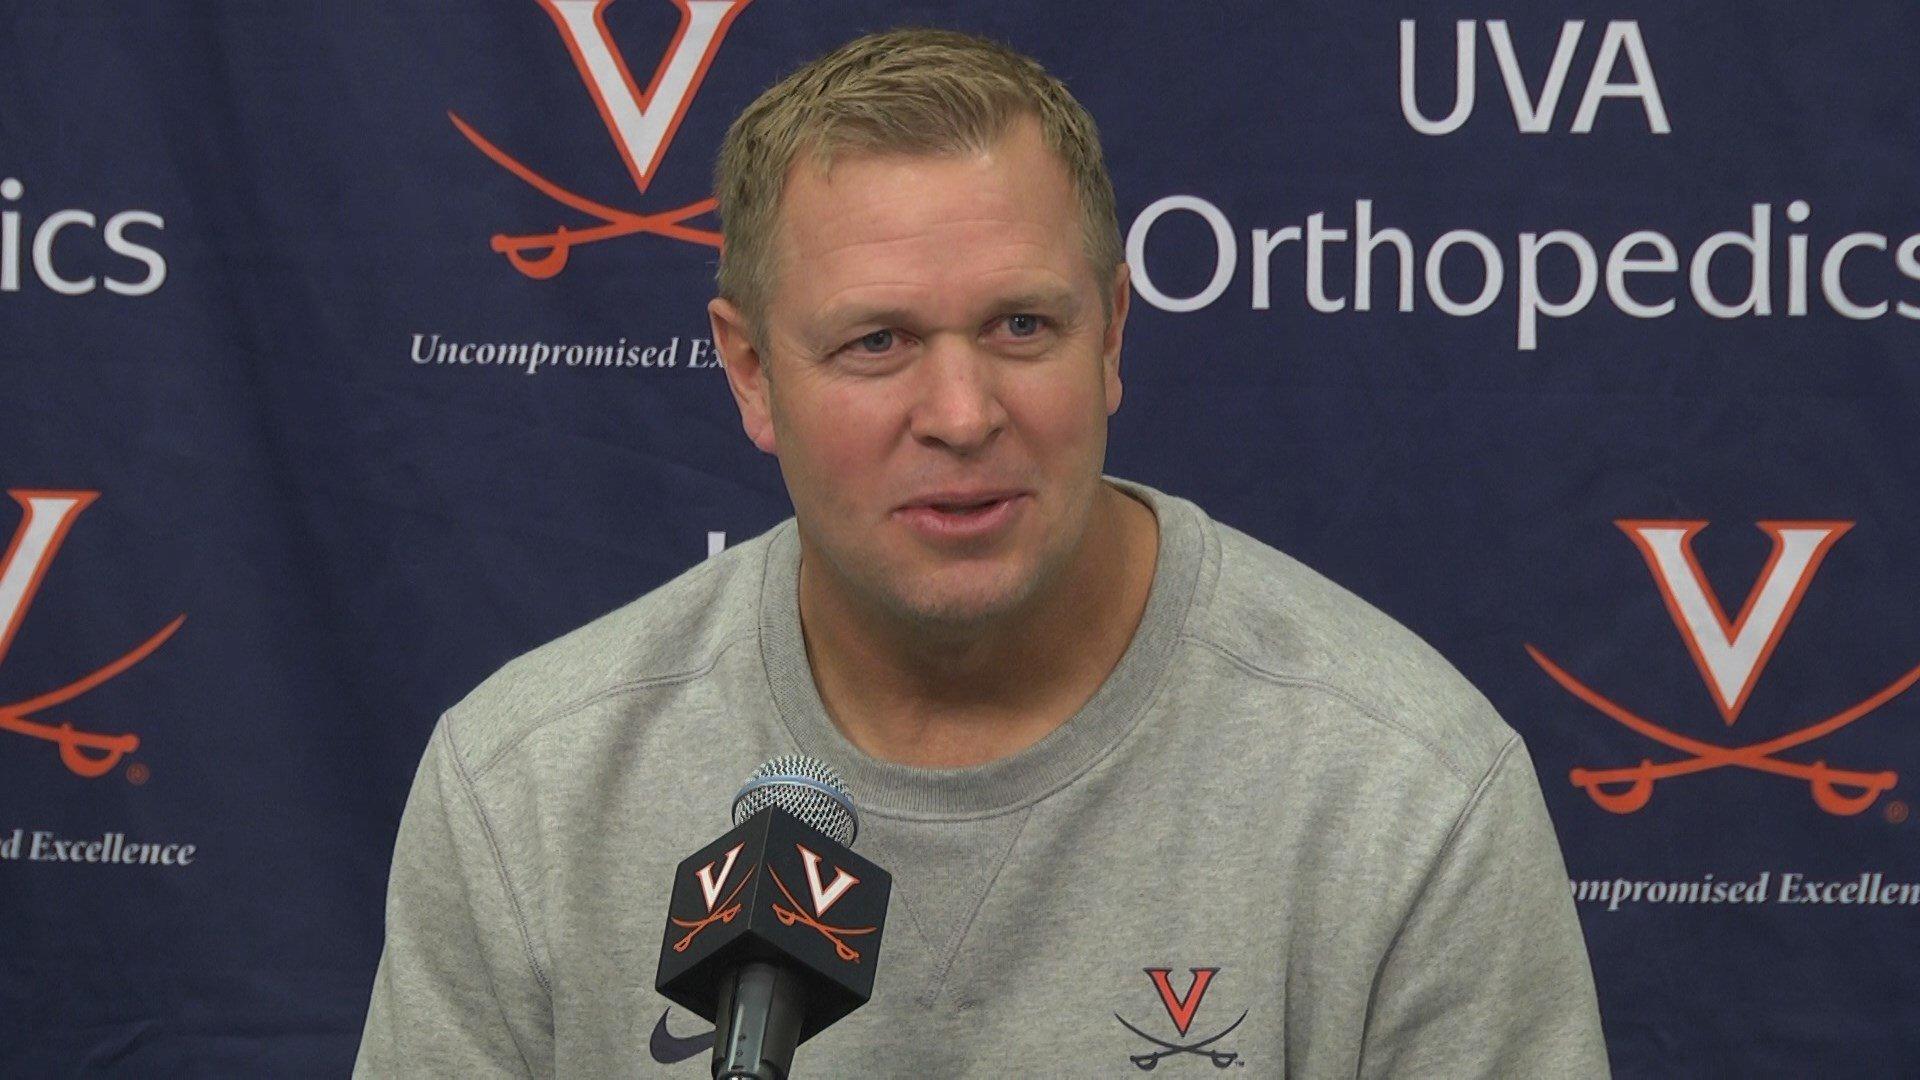 UVA coach Bronco Mendenhall